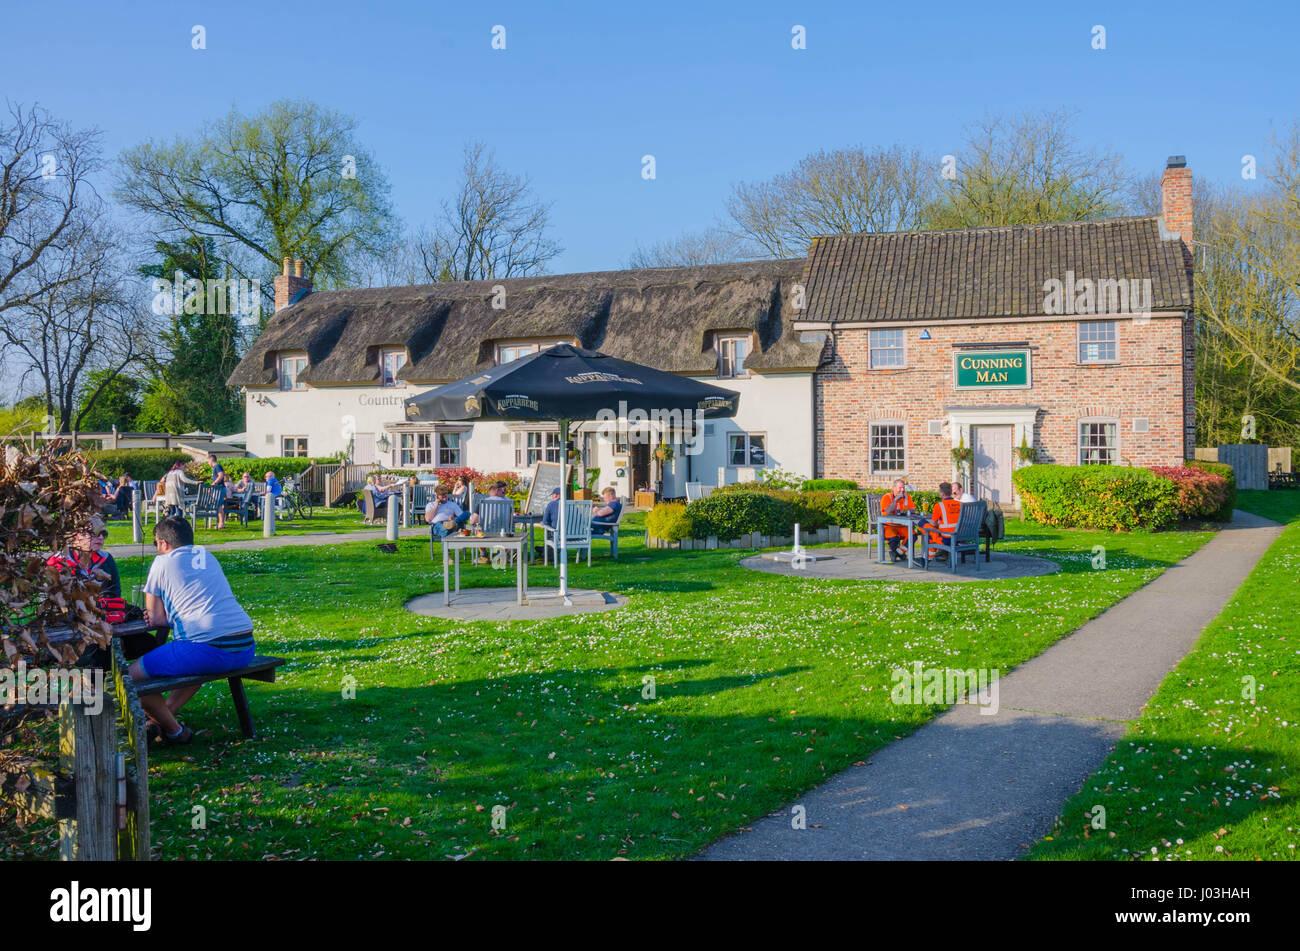 El astuto hombre pub y restaurante en la carretera de Burghfield en Reading, Berkshire, Reino Unido. Imagen De Stock